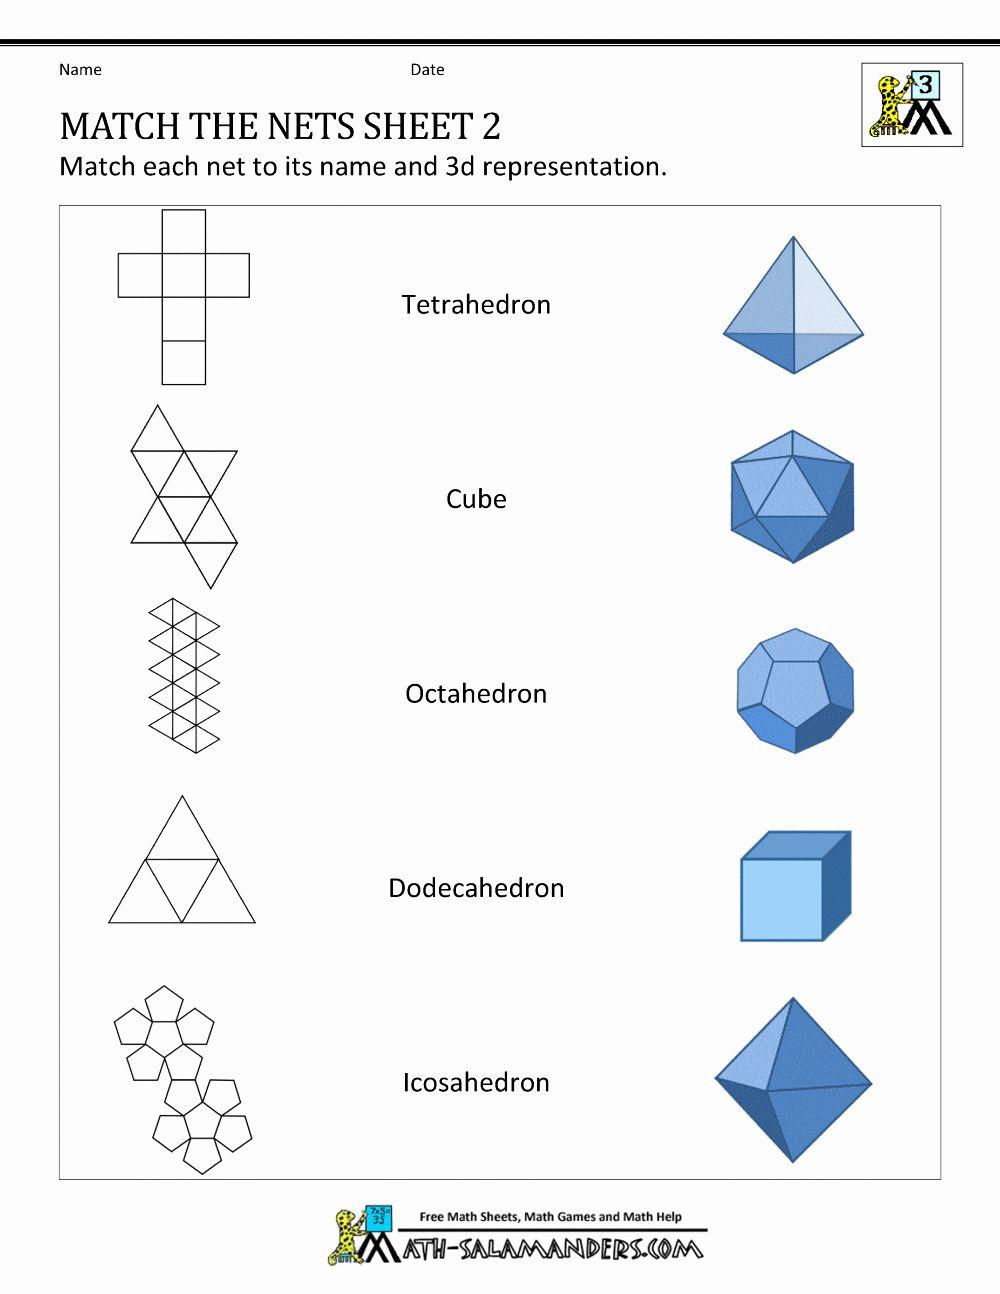 3d Net Shapes Worksheet Grade 4 Easy Crafts For Teens Shapes Worksheets Crafts For Teens To Make